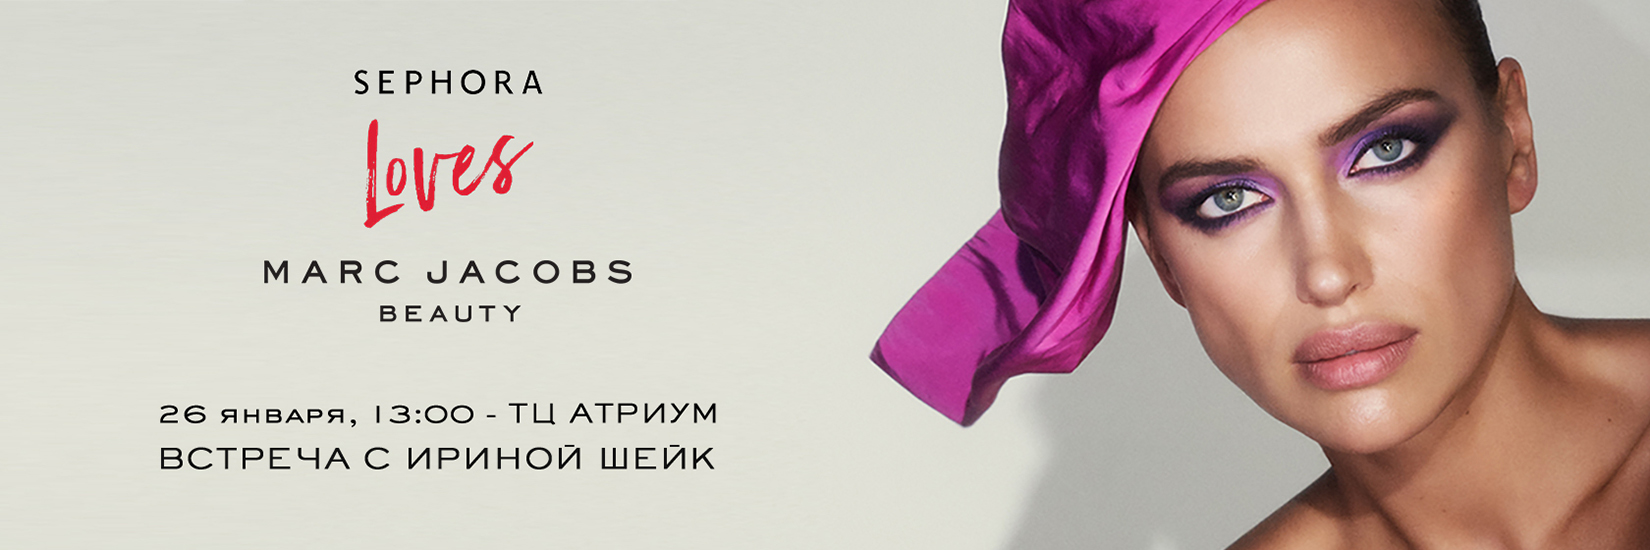 Встреча с Ириной Шейк в Москве